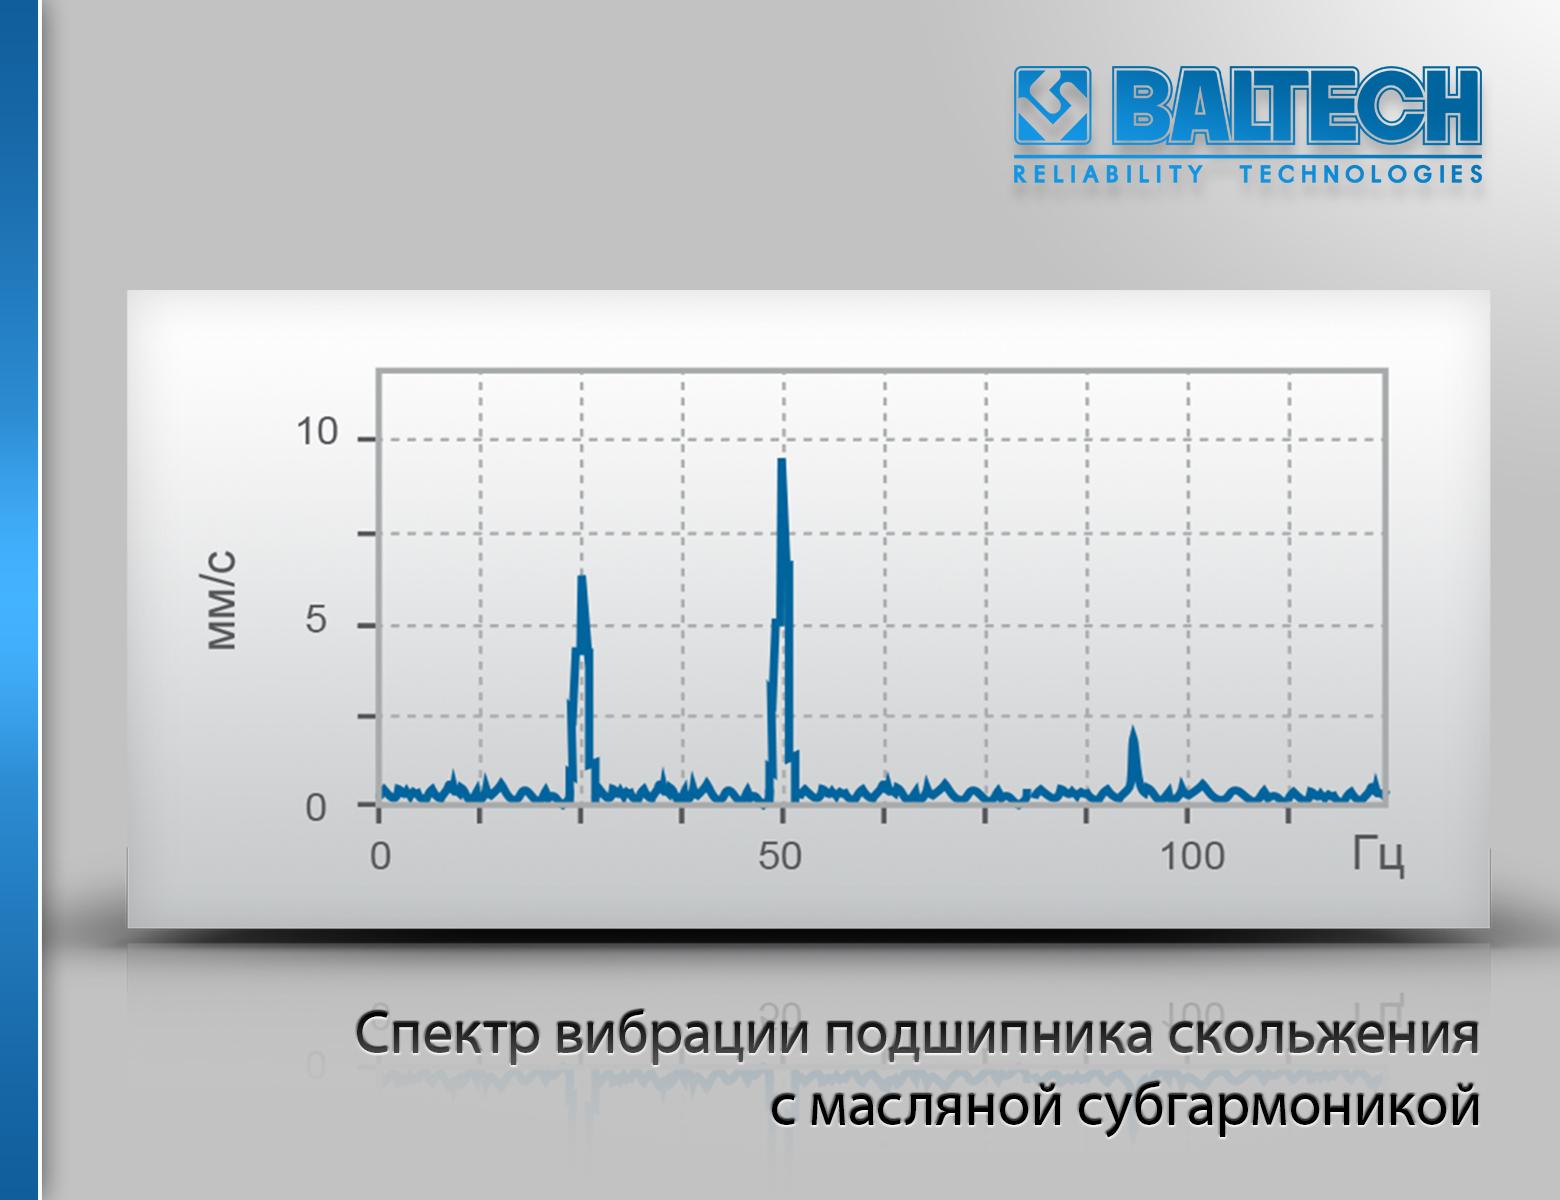 Спектр вибрации подшипника скольжения с масляной субгармоникой, диагностика подшипников